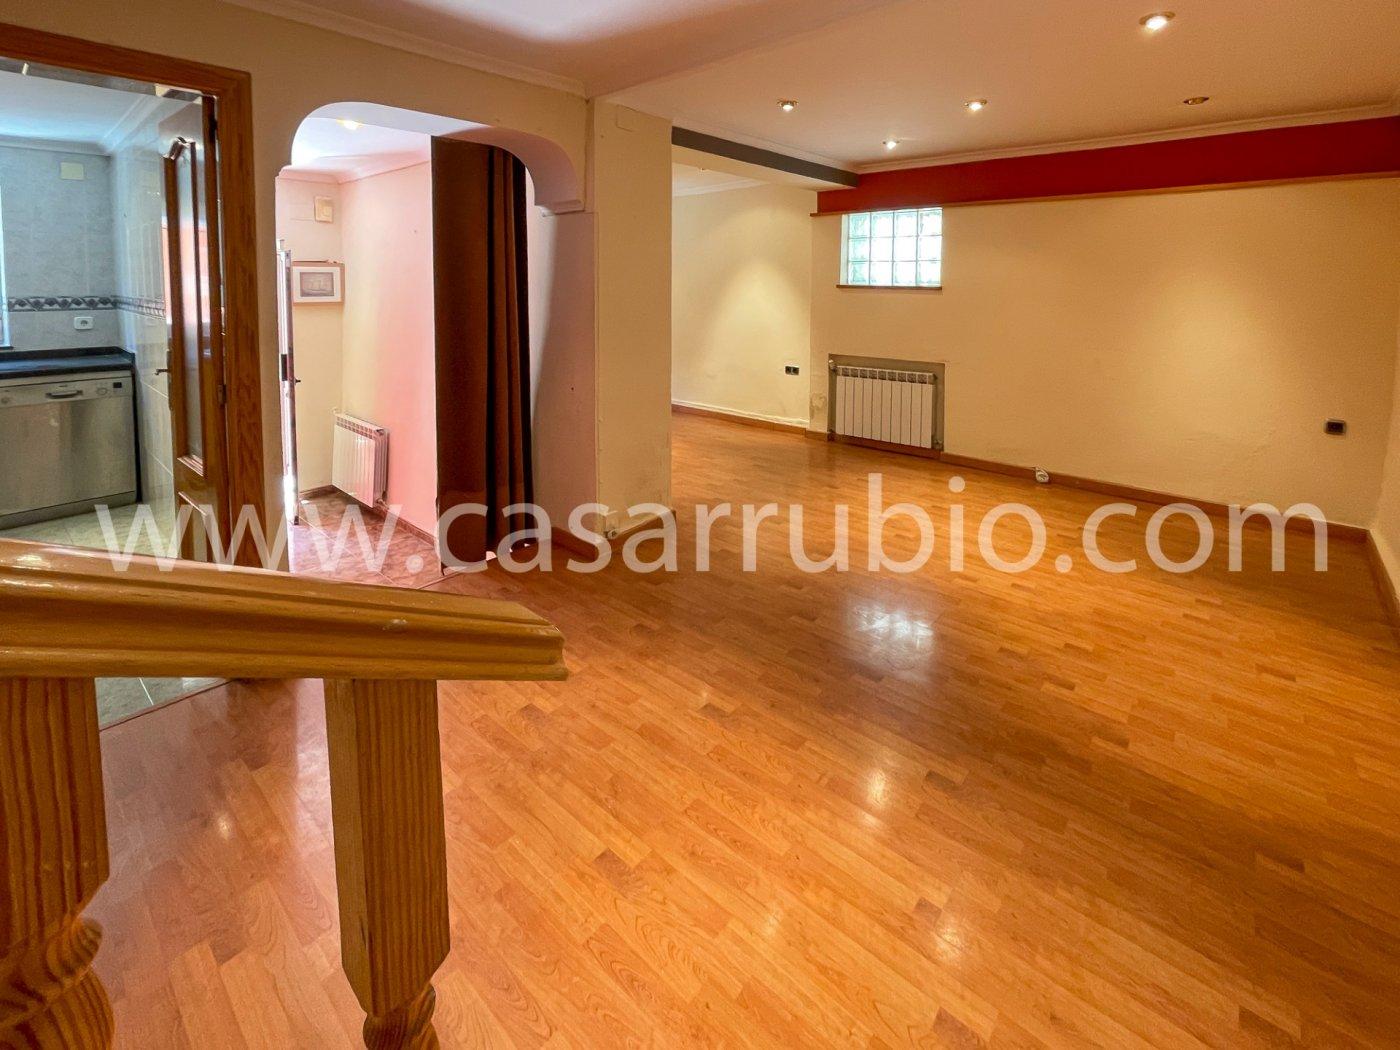 Estupenda casa reformada y con terraza en onil !! - imagenInmueble1